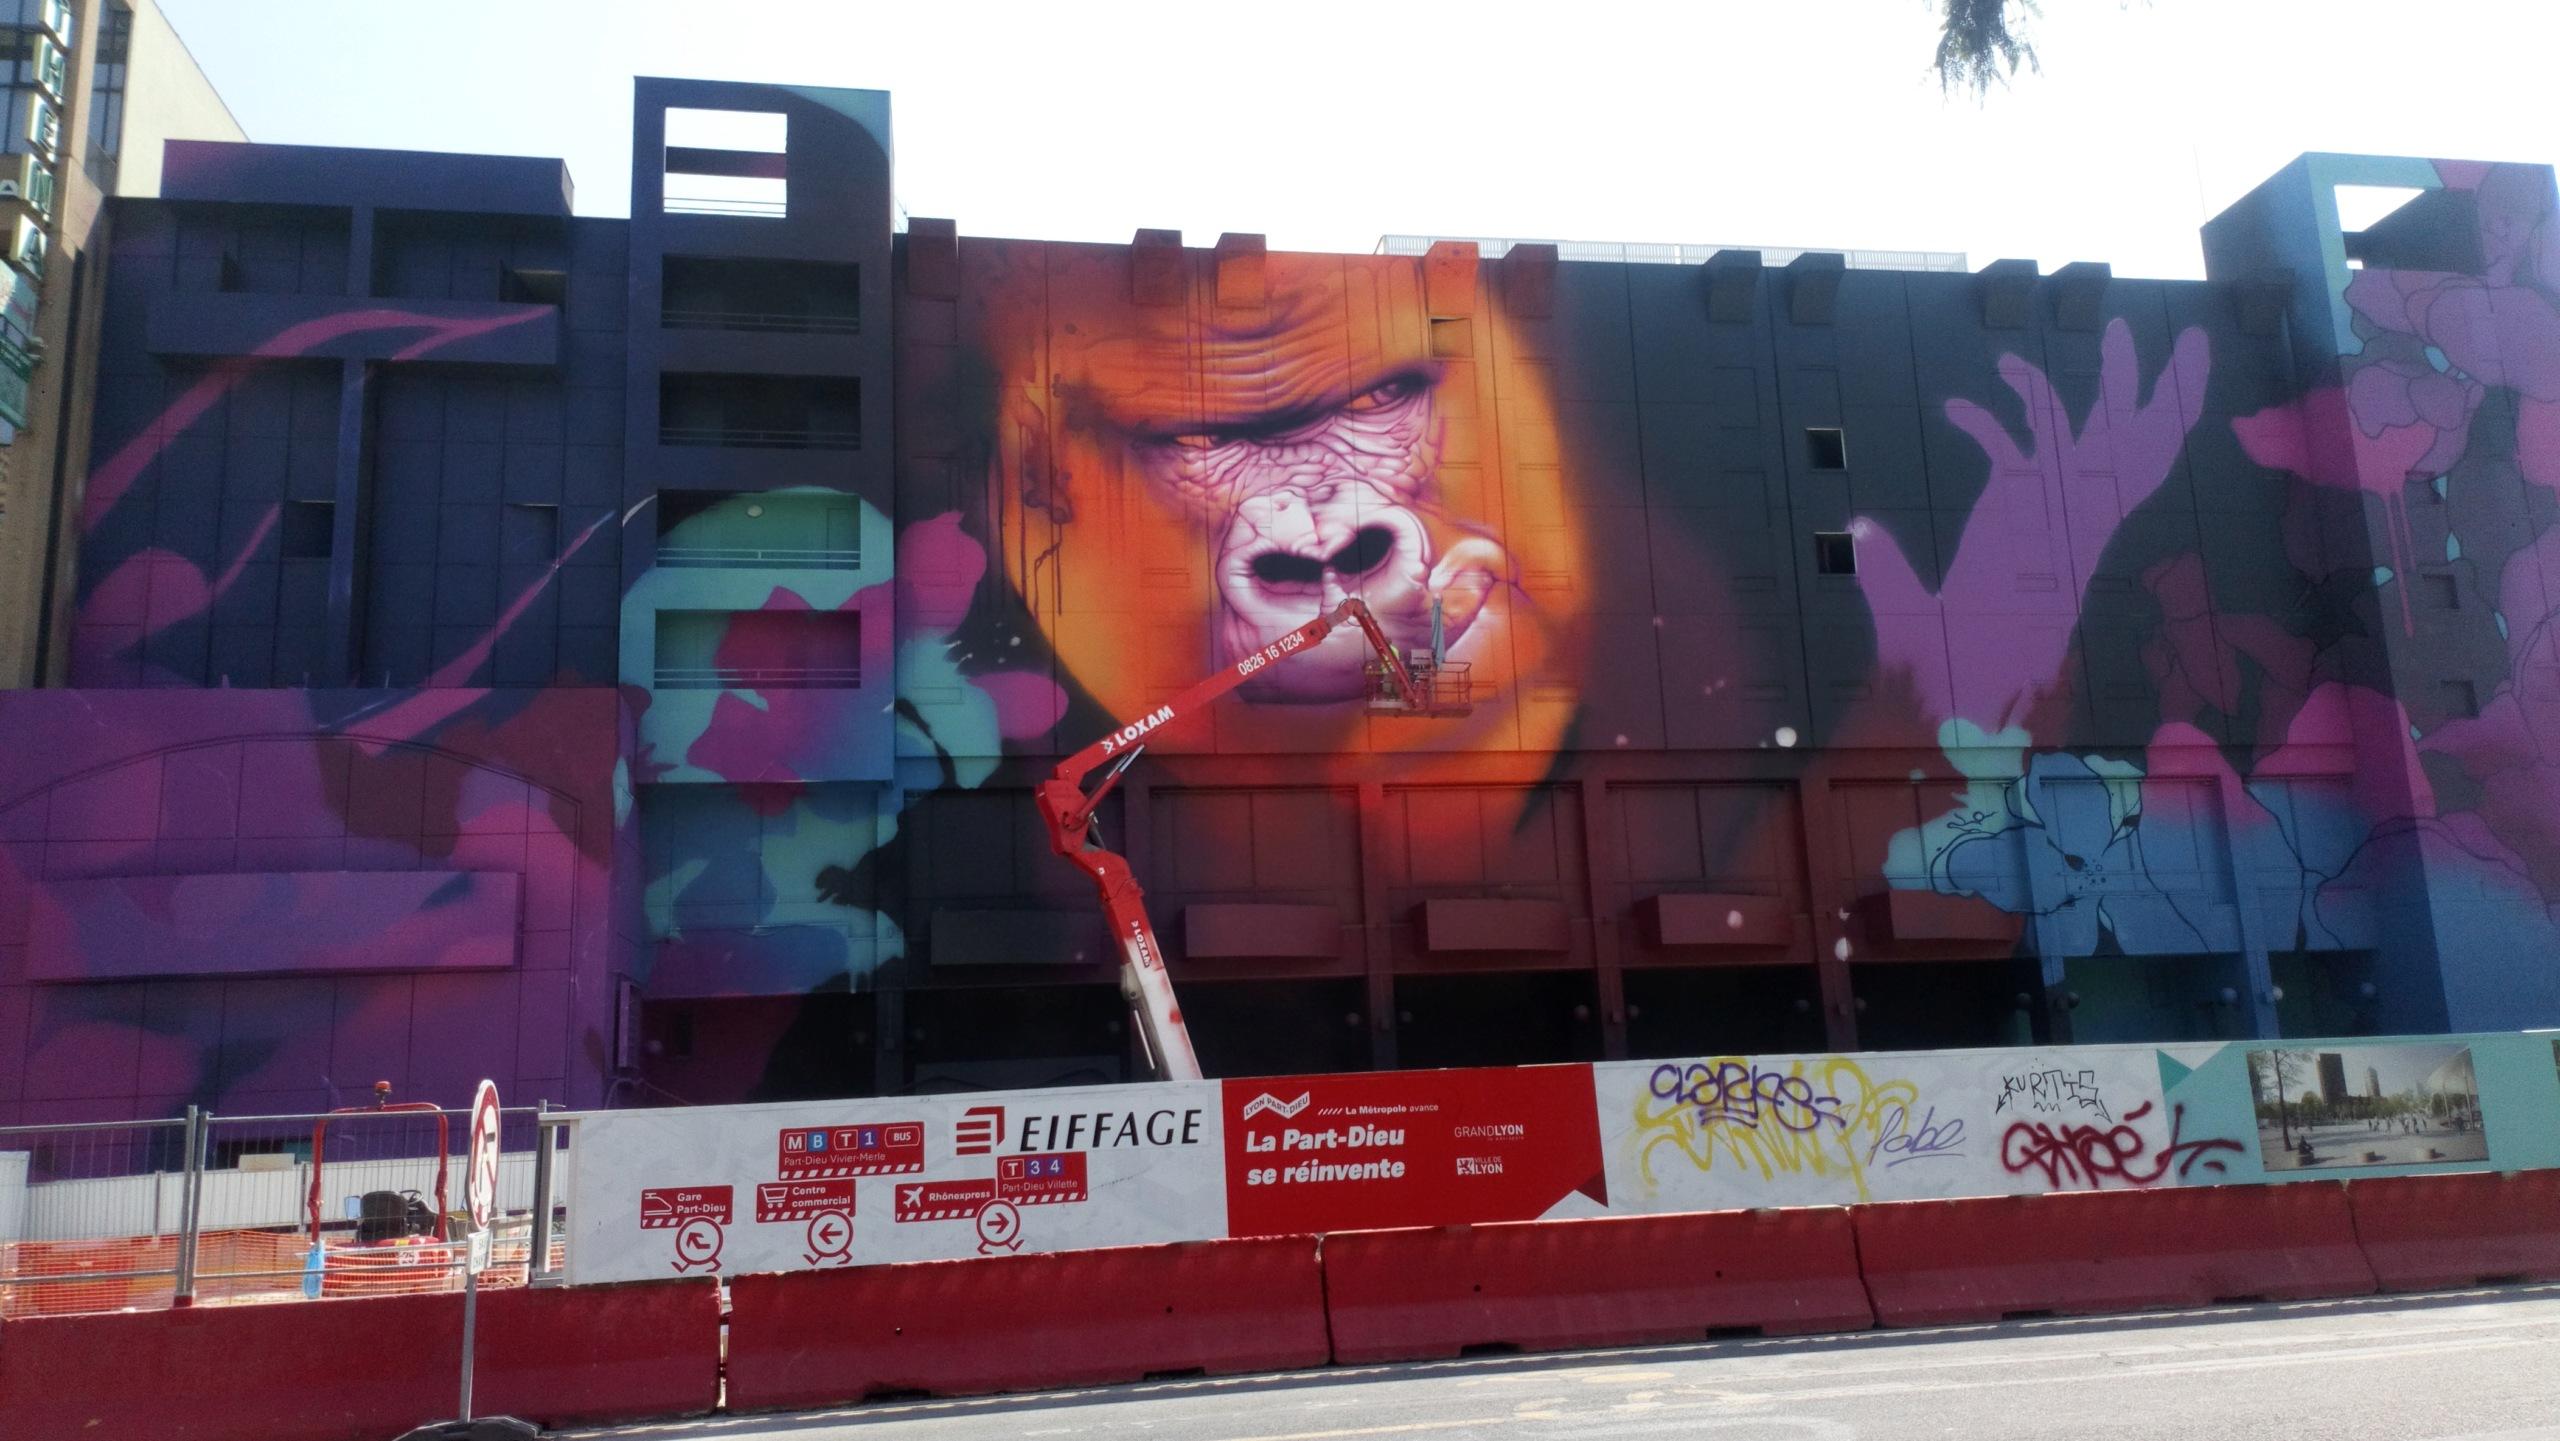 [street art-rue et manifs] Peinture fraîche, à Lyon 2019 - Page 12 Dsc_0889